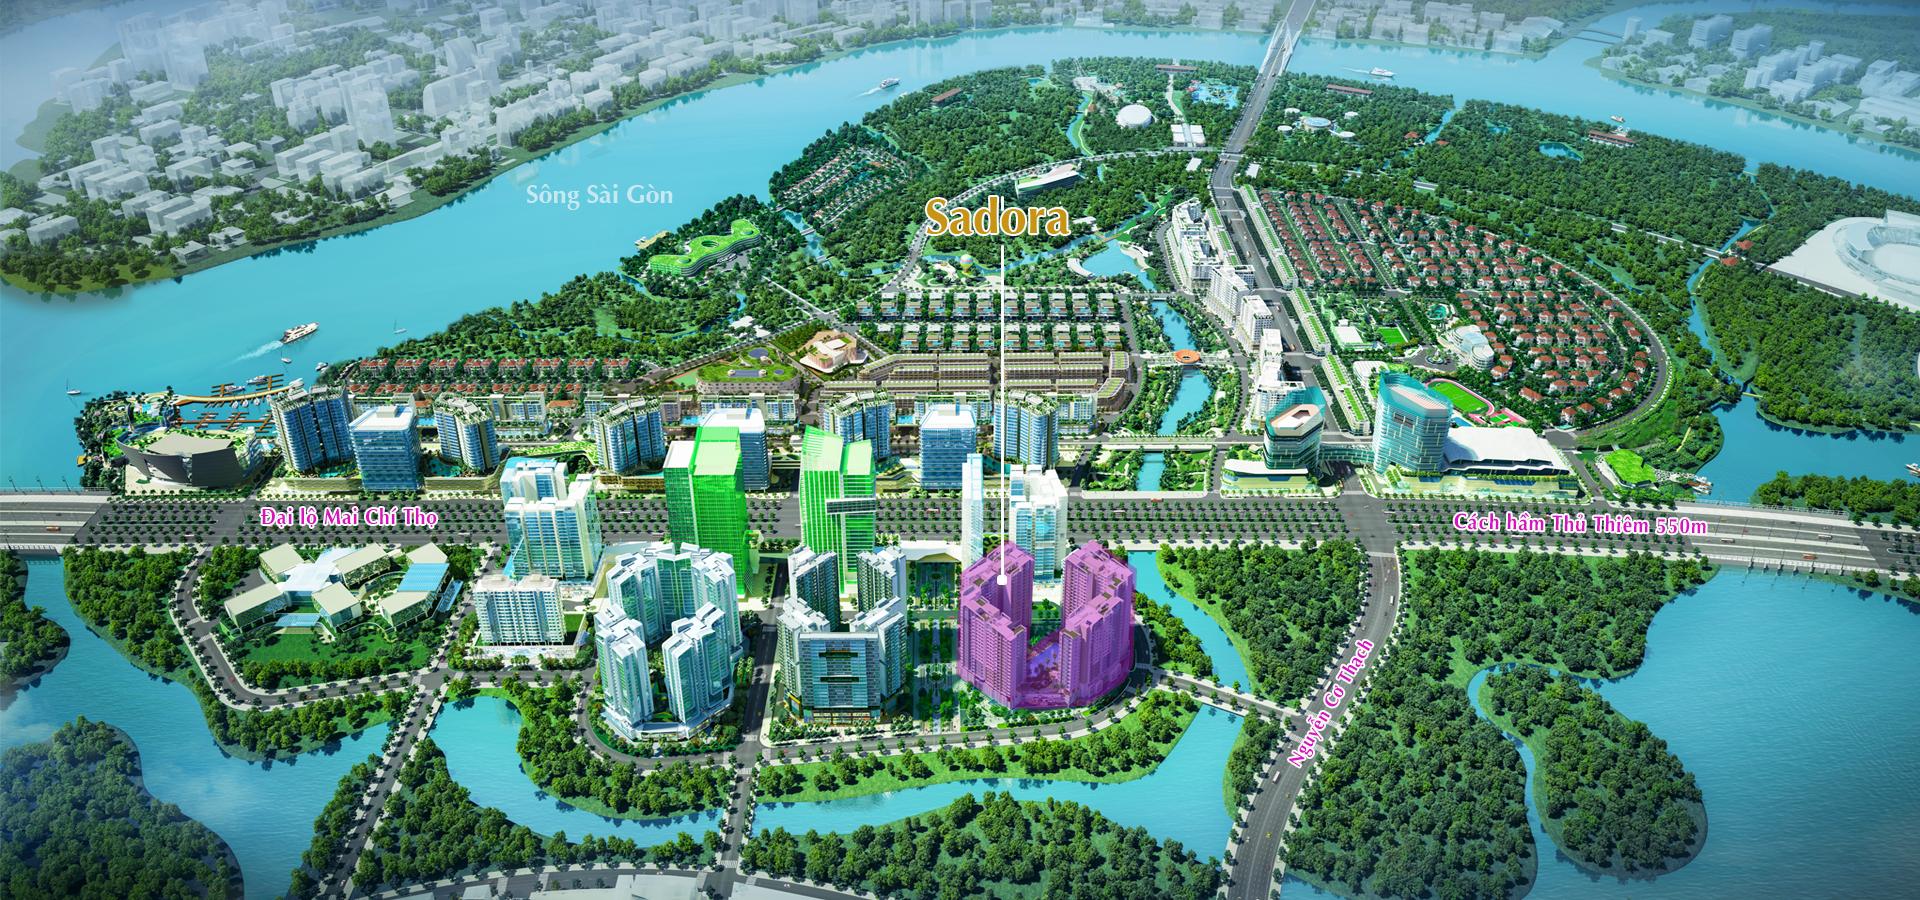 Căn hộ Sadora với vị trí trung tâm ngay lõi khu đô thị Thủ Thiêm, cạnh bên dự án Hồ Trung tâm khu đô thị Thủ Thiêm